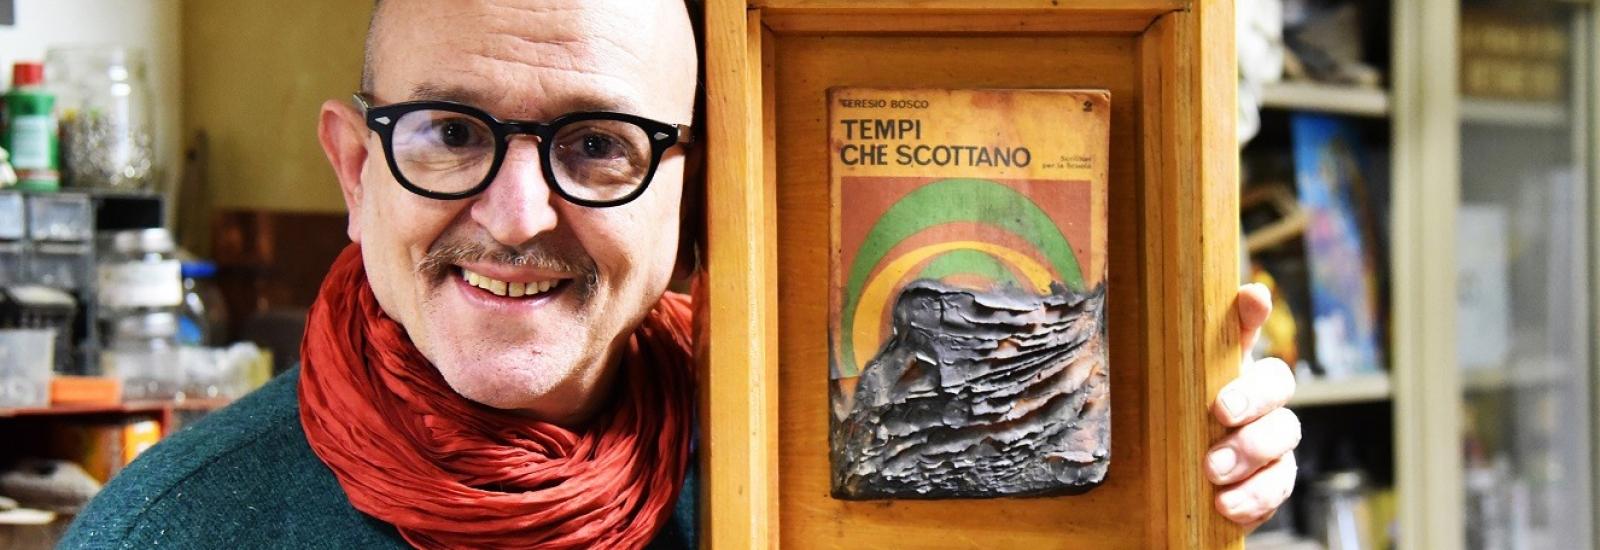 Camillo Cuneo | La bottega delle favole